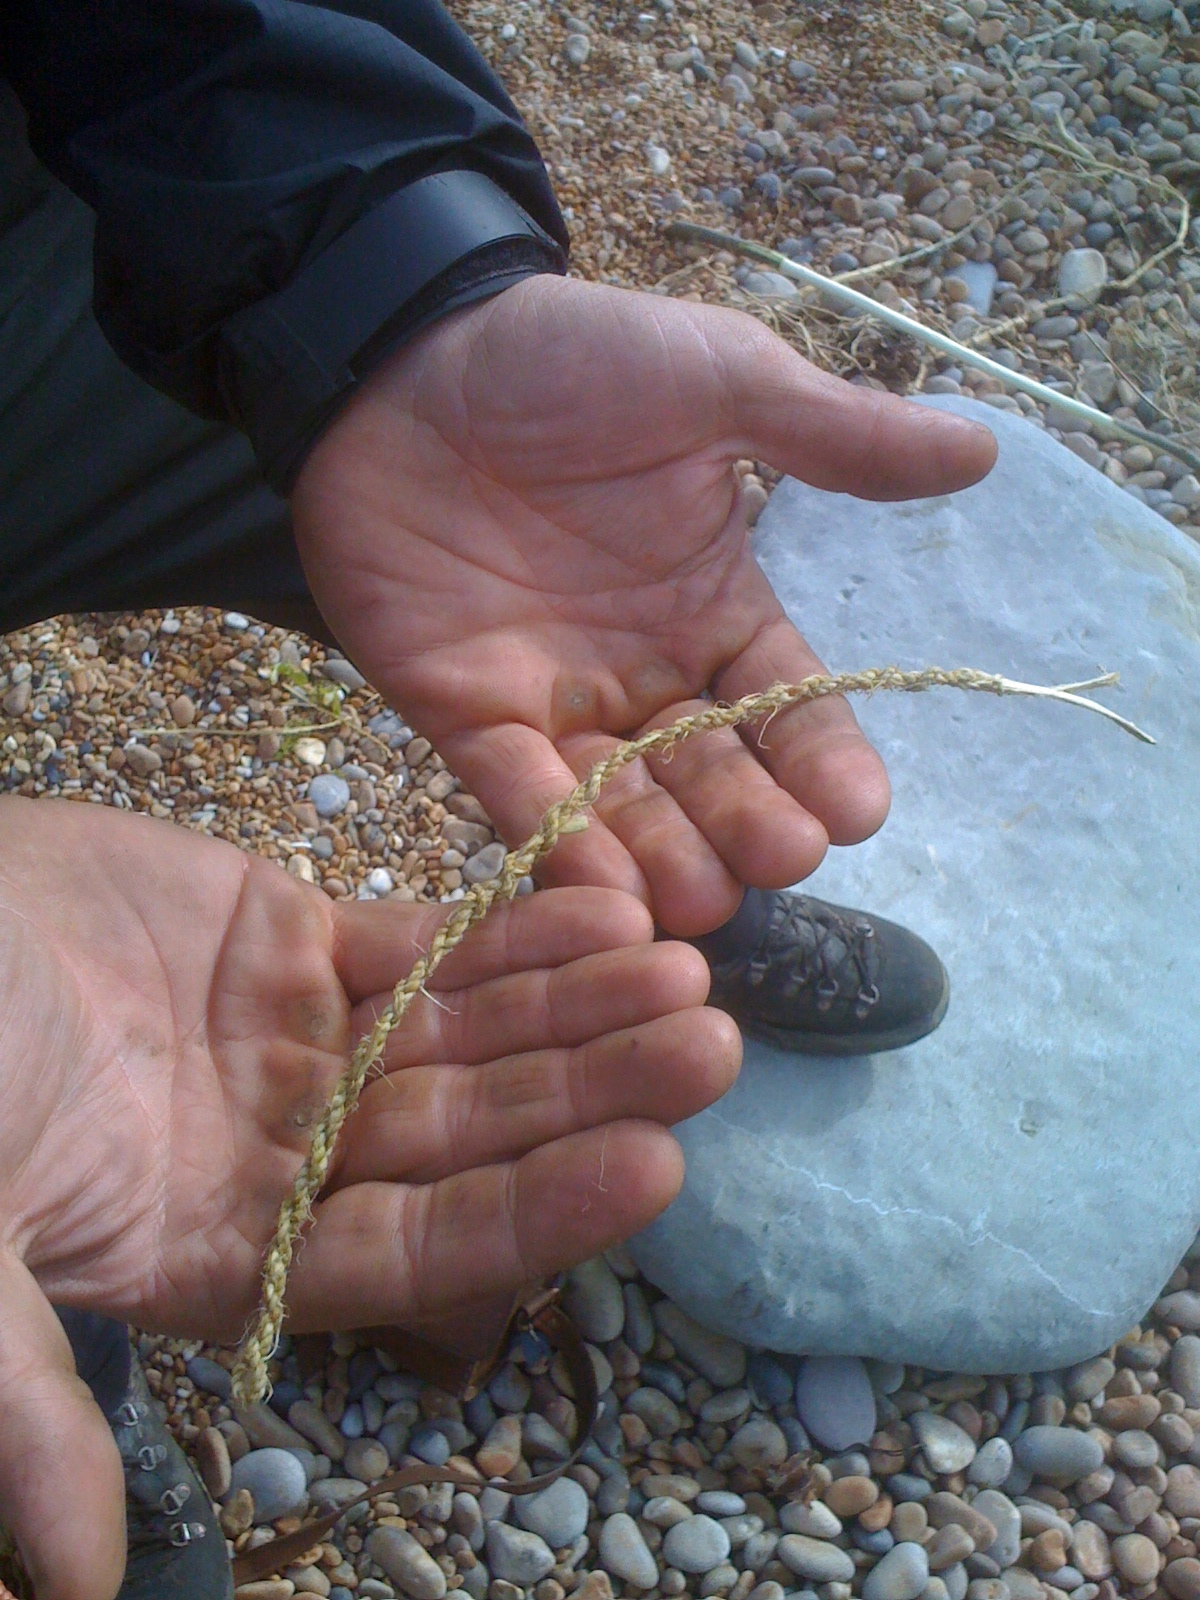 bushcraft courses, survival courses, fish traps